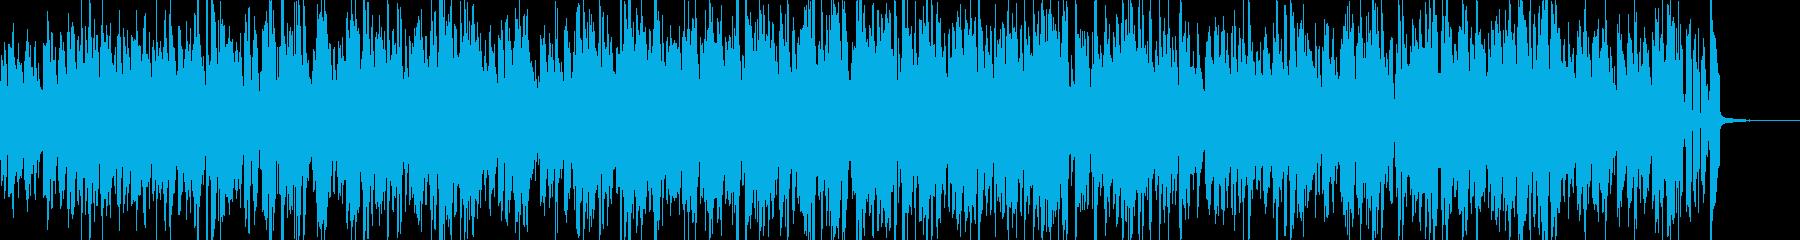 ピアノ・トリオNo.1の再生済みの波形